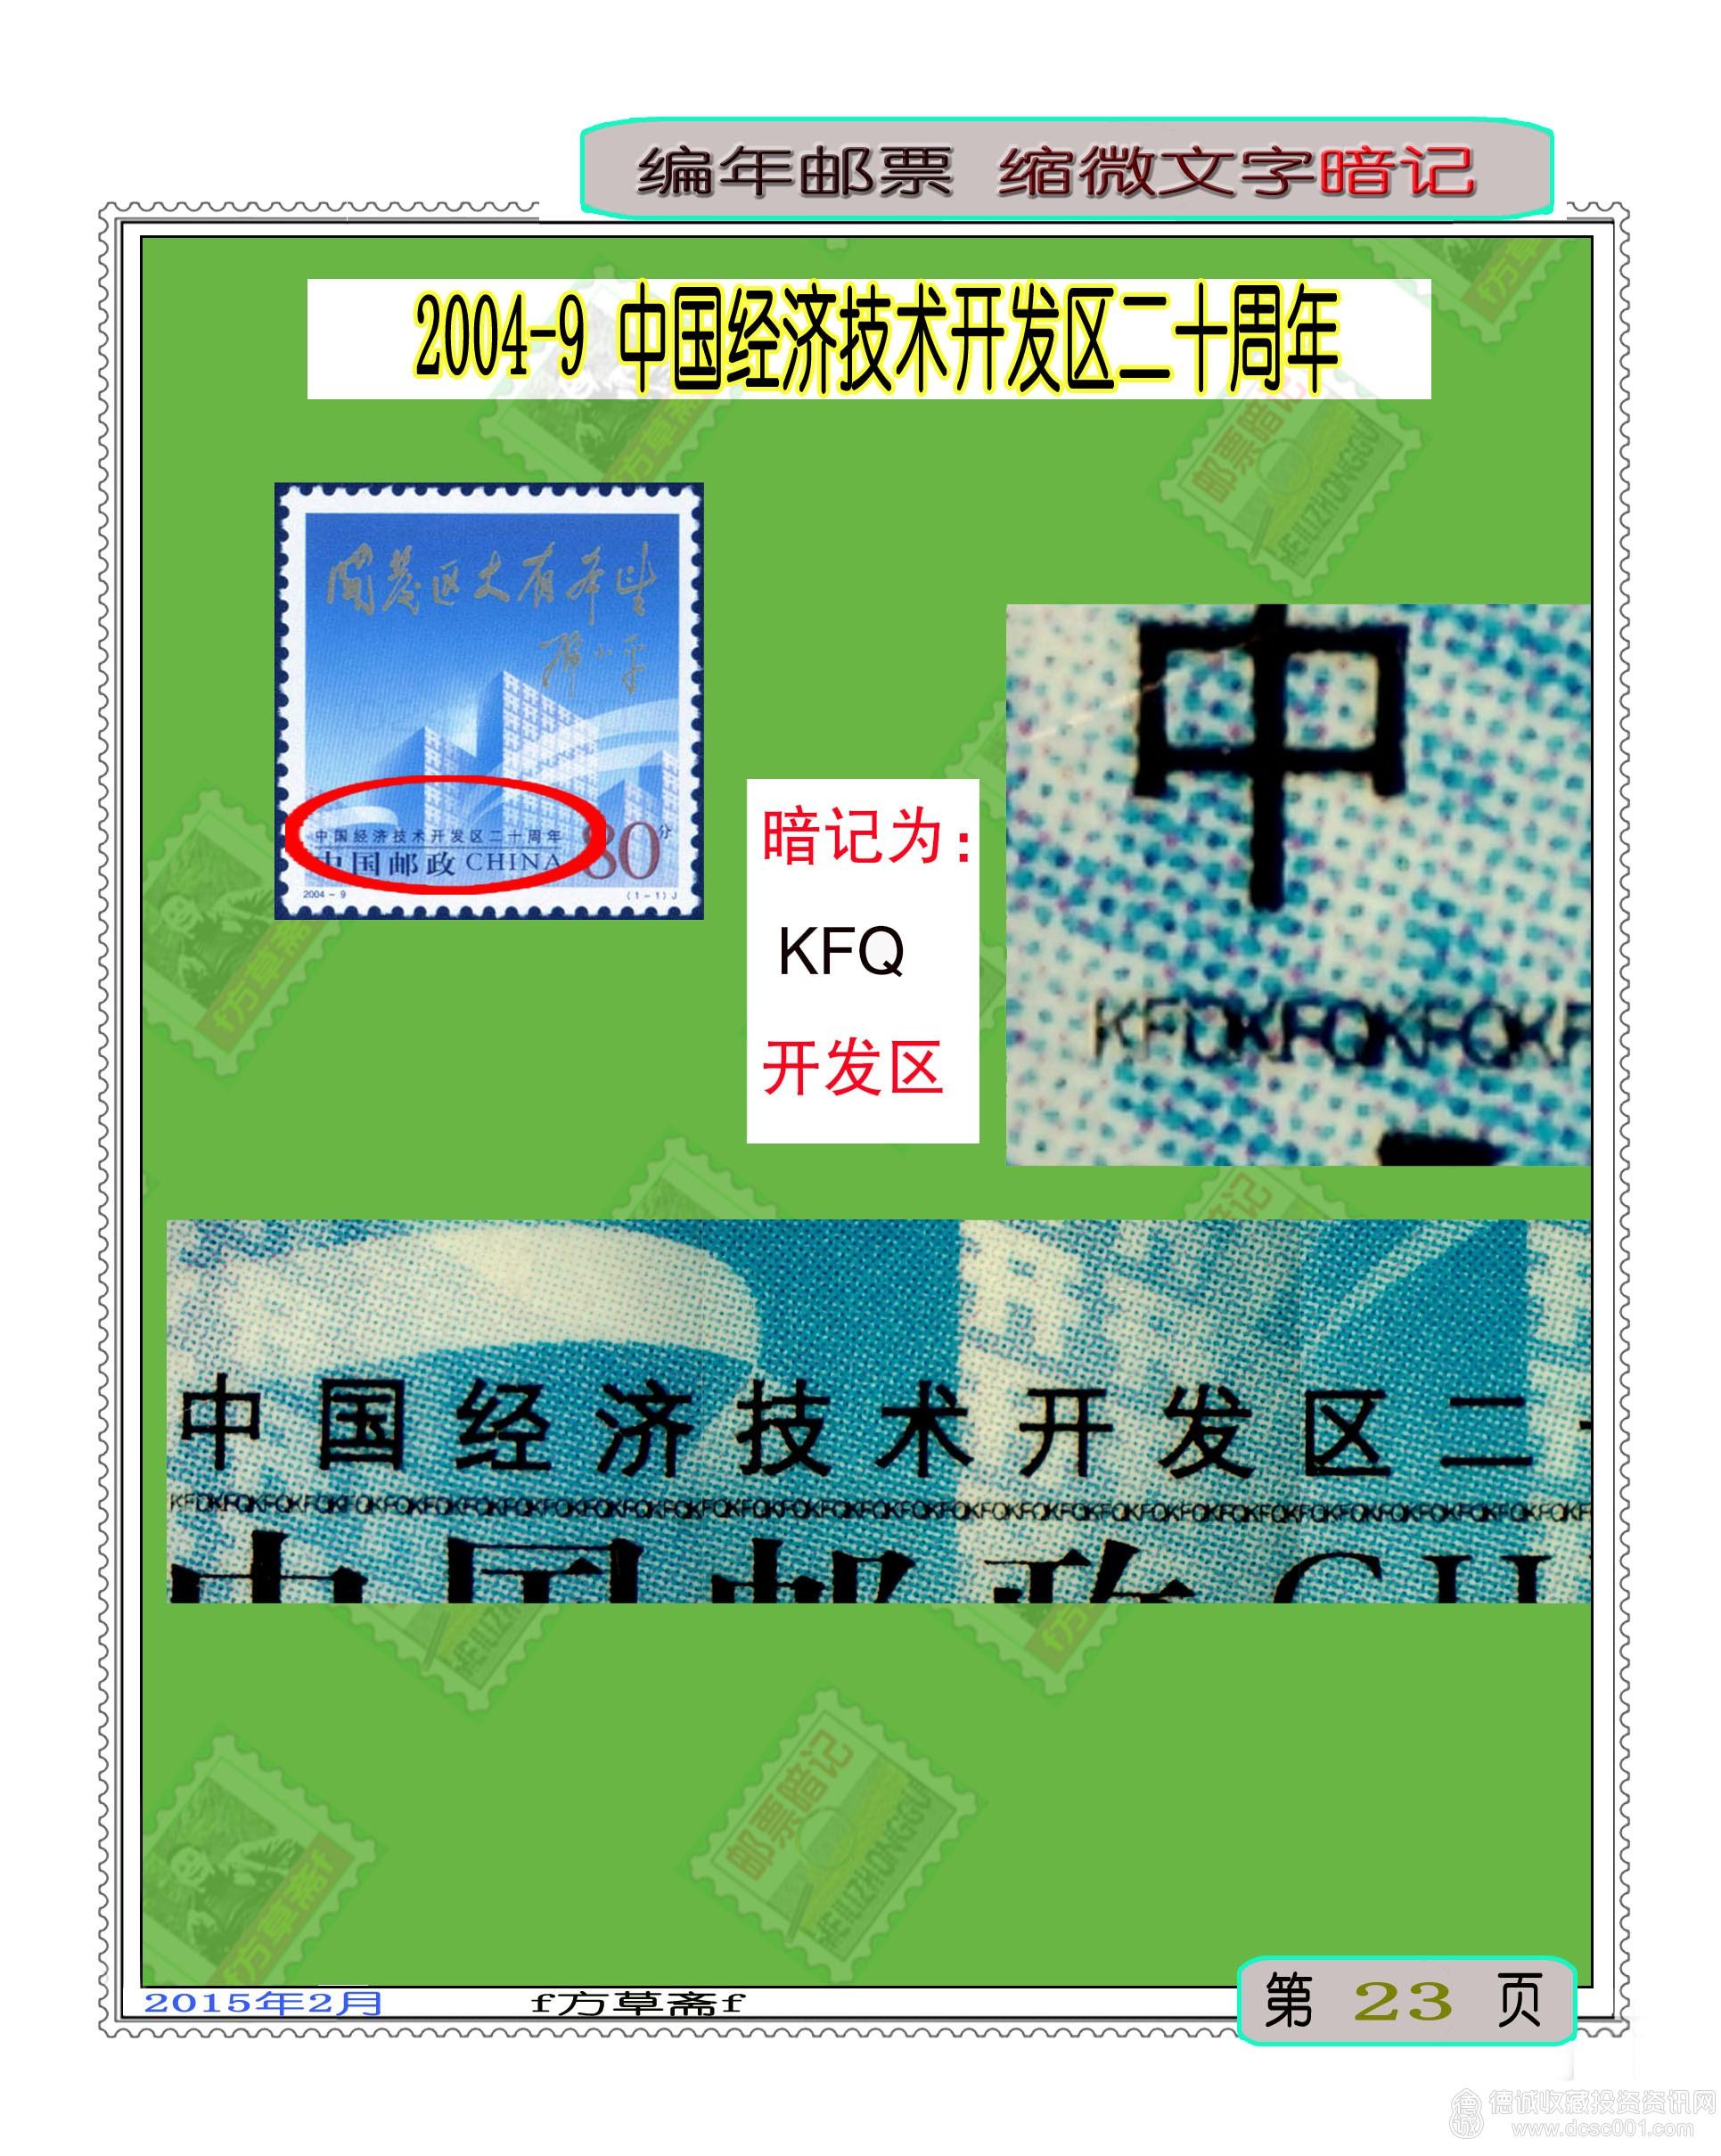 2004-9 中国经济技术开发区二十周年.jpg